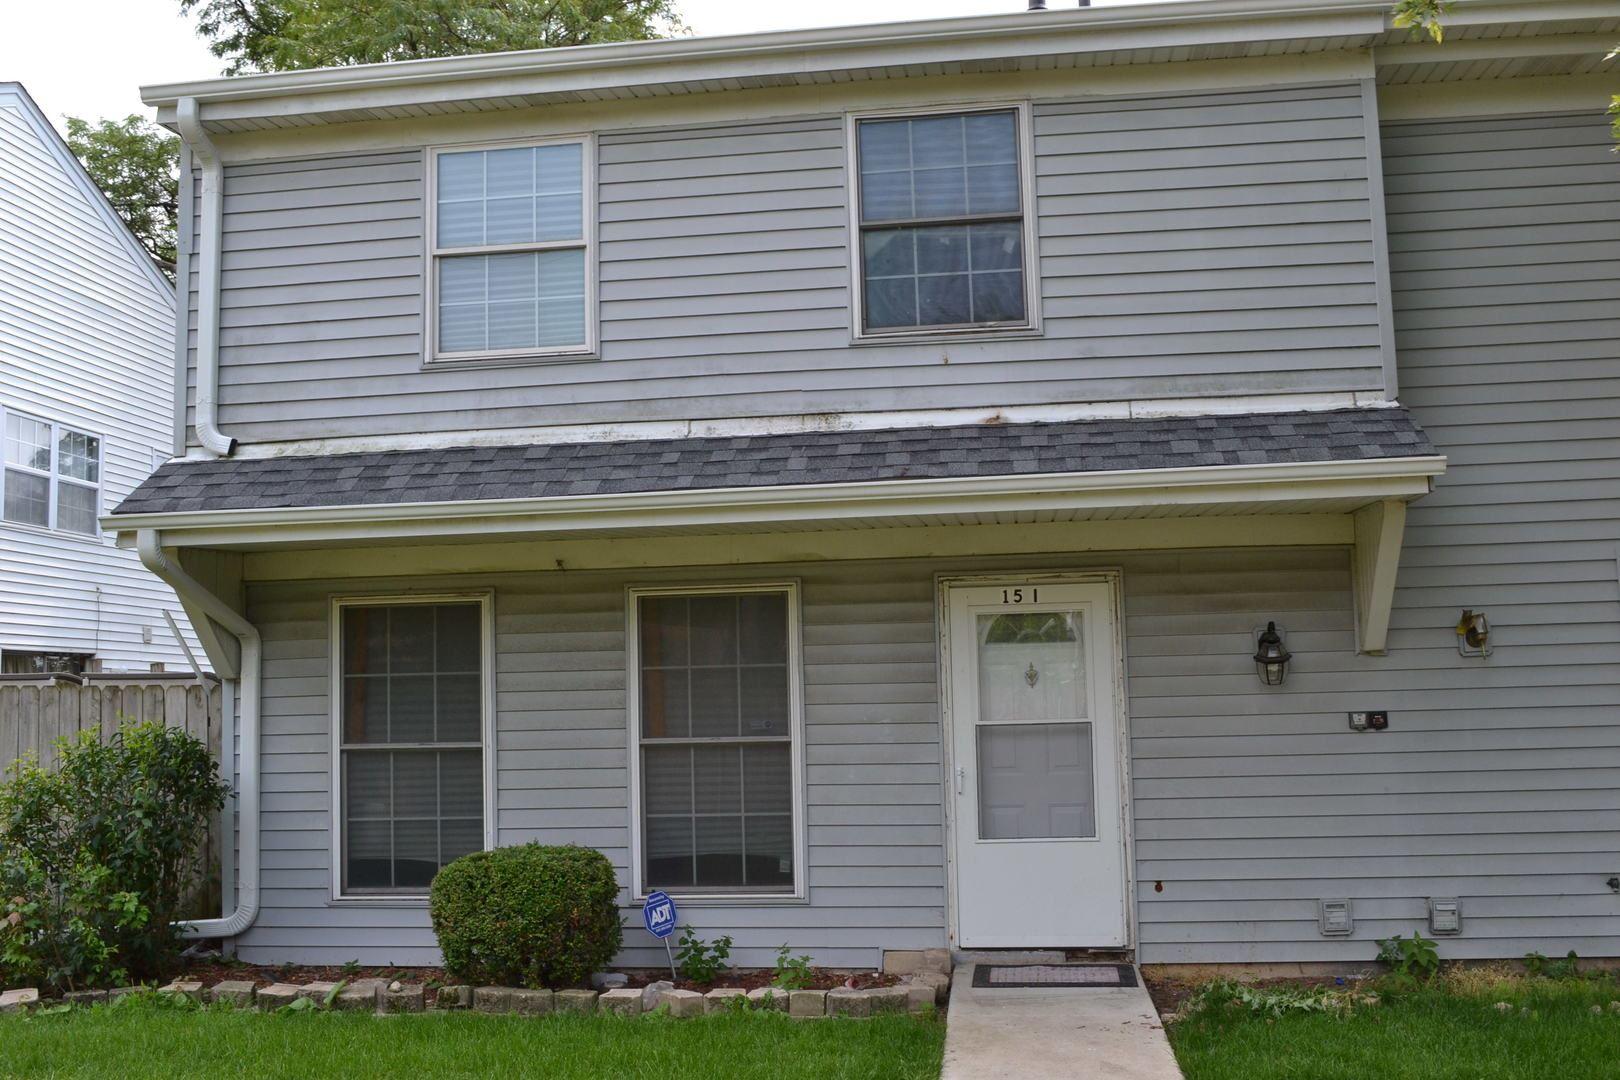 Photo of 15I Fernwood Drive #I, Bolingbrook, IL 60440 (MLS # 11161164)